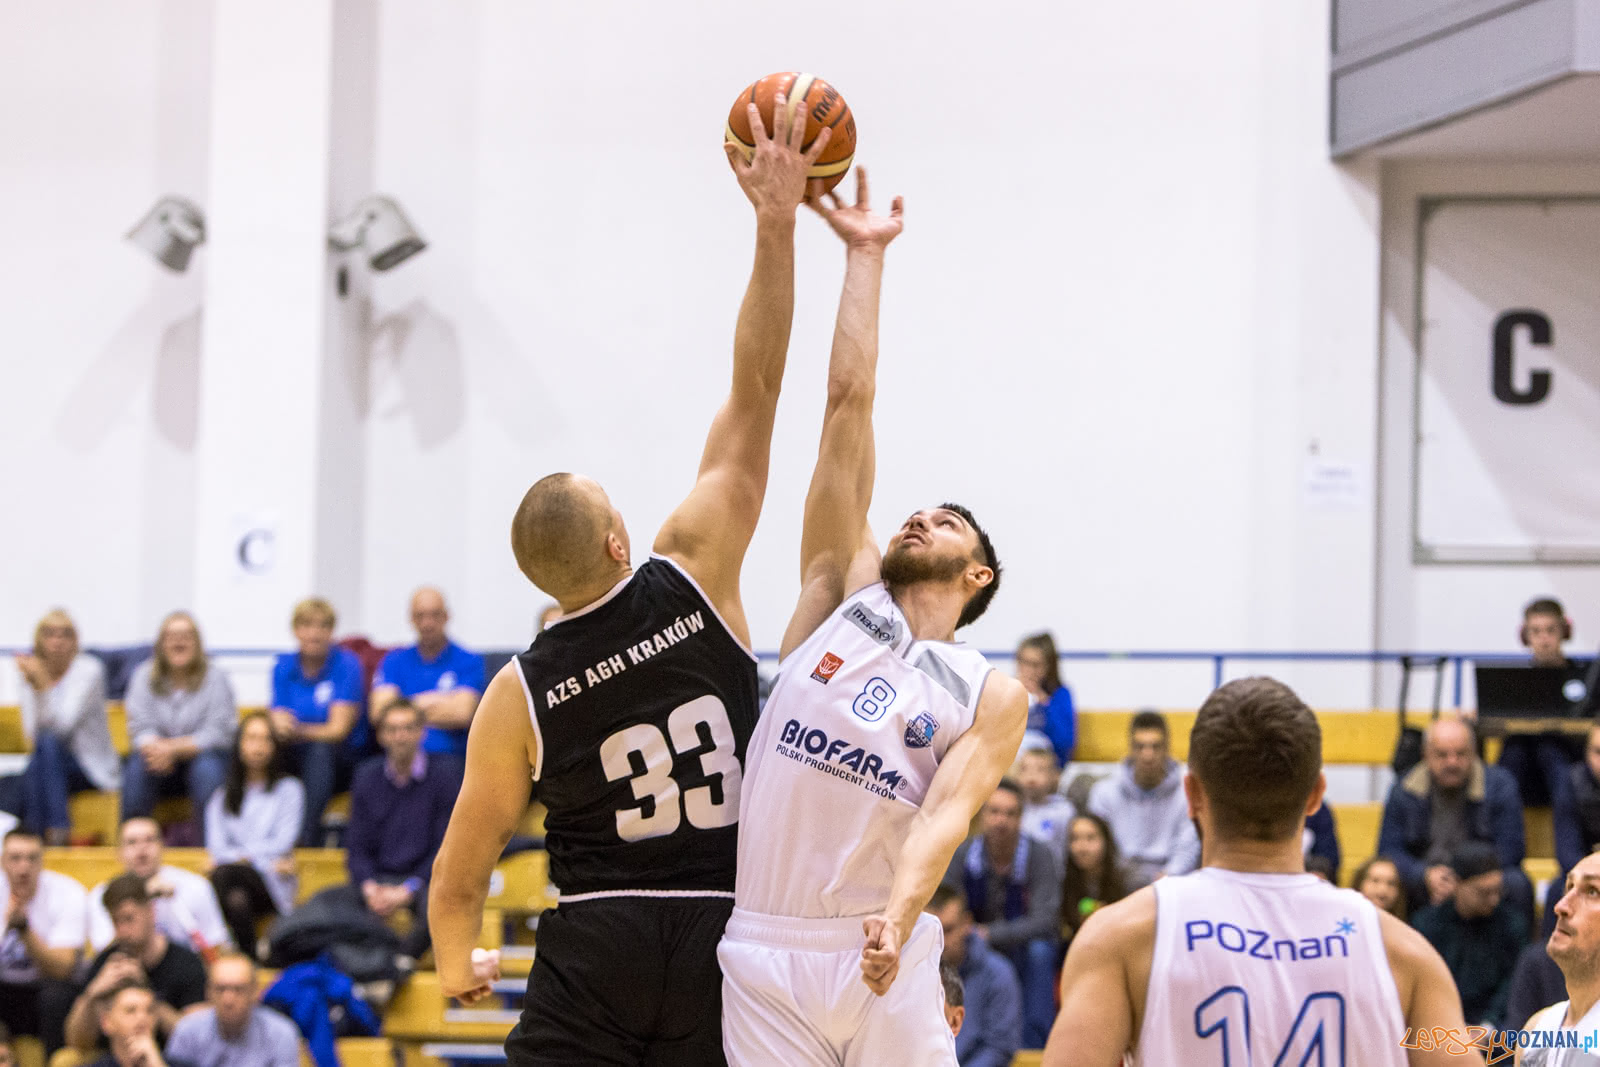 1 liga: Biofarm Basket Poznań - AZS AGH Kraków 77:67 - Poznań  Foto: LepszyPOZNAN.pl / Paweł Rychter